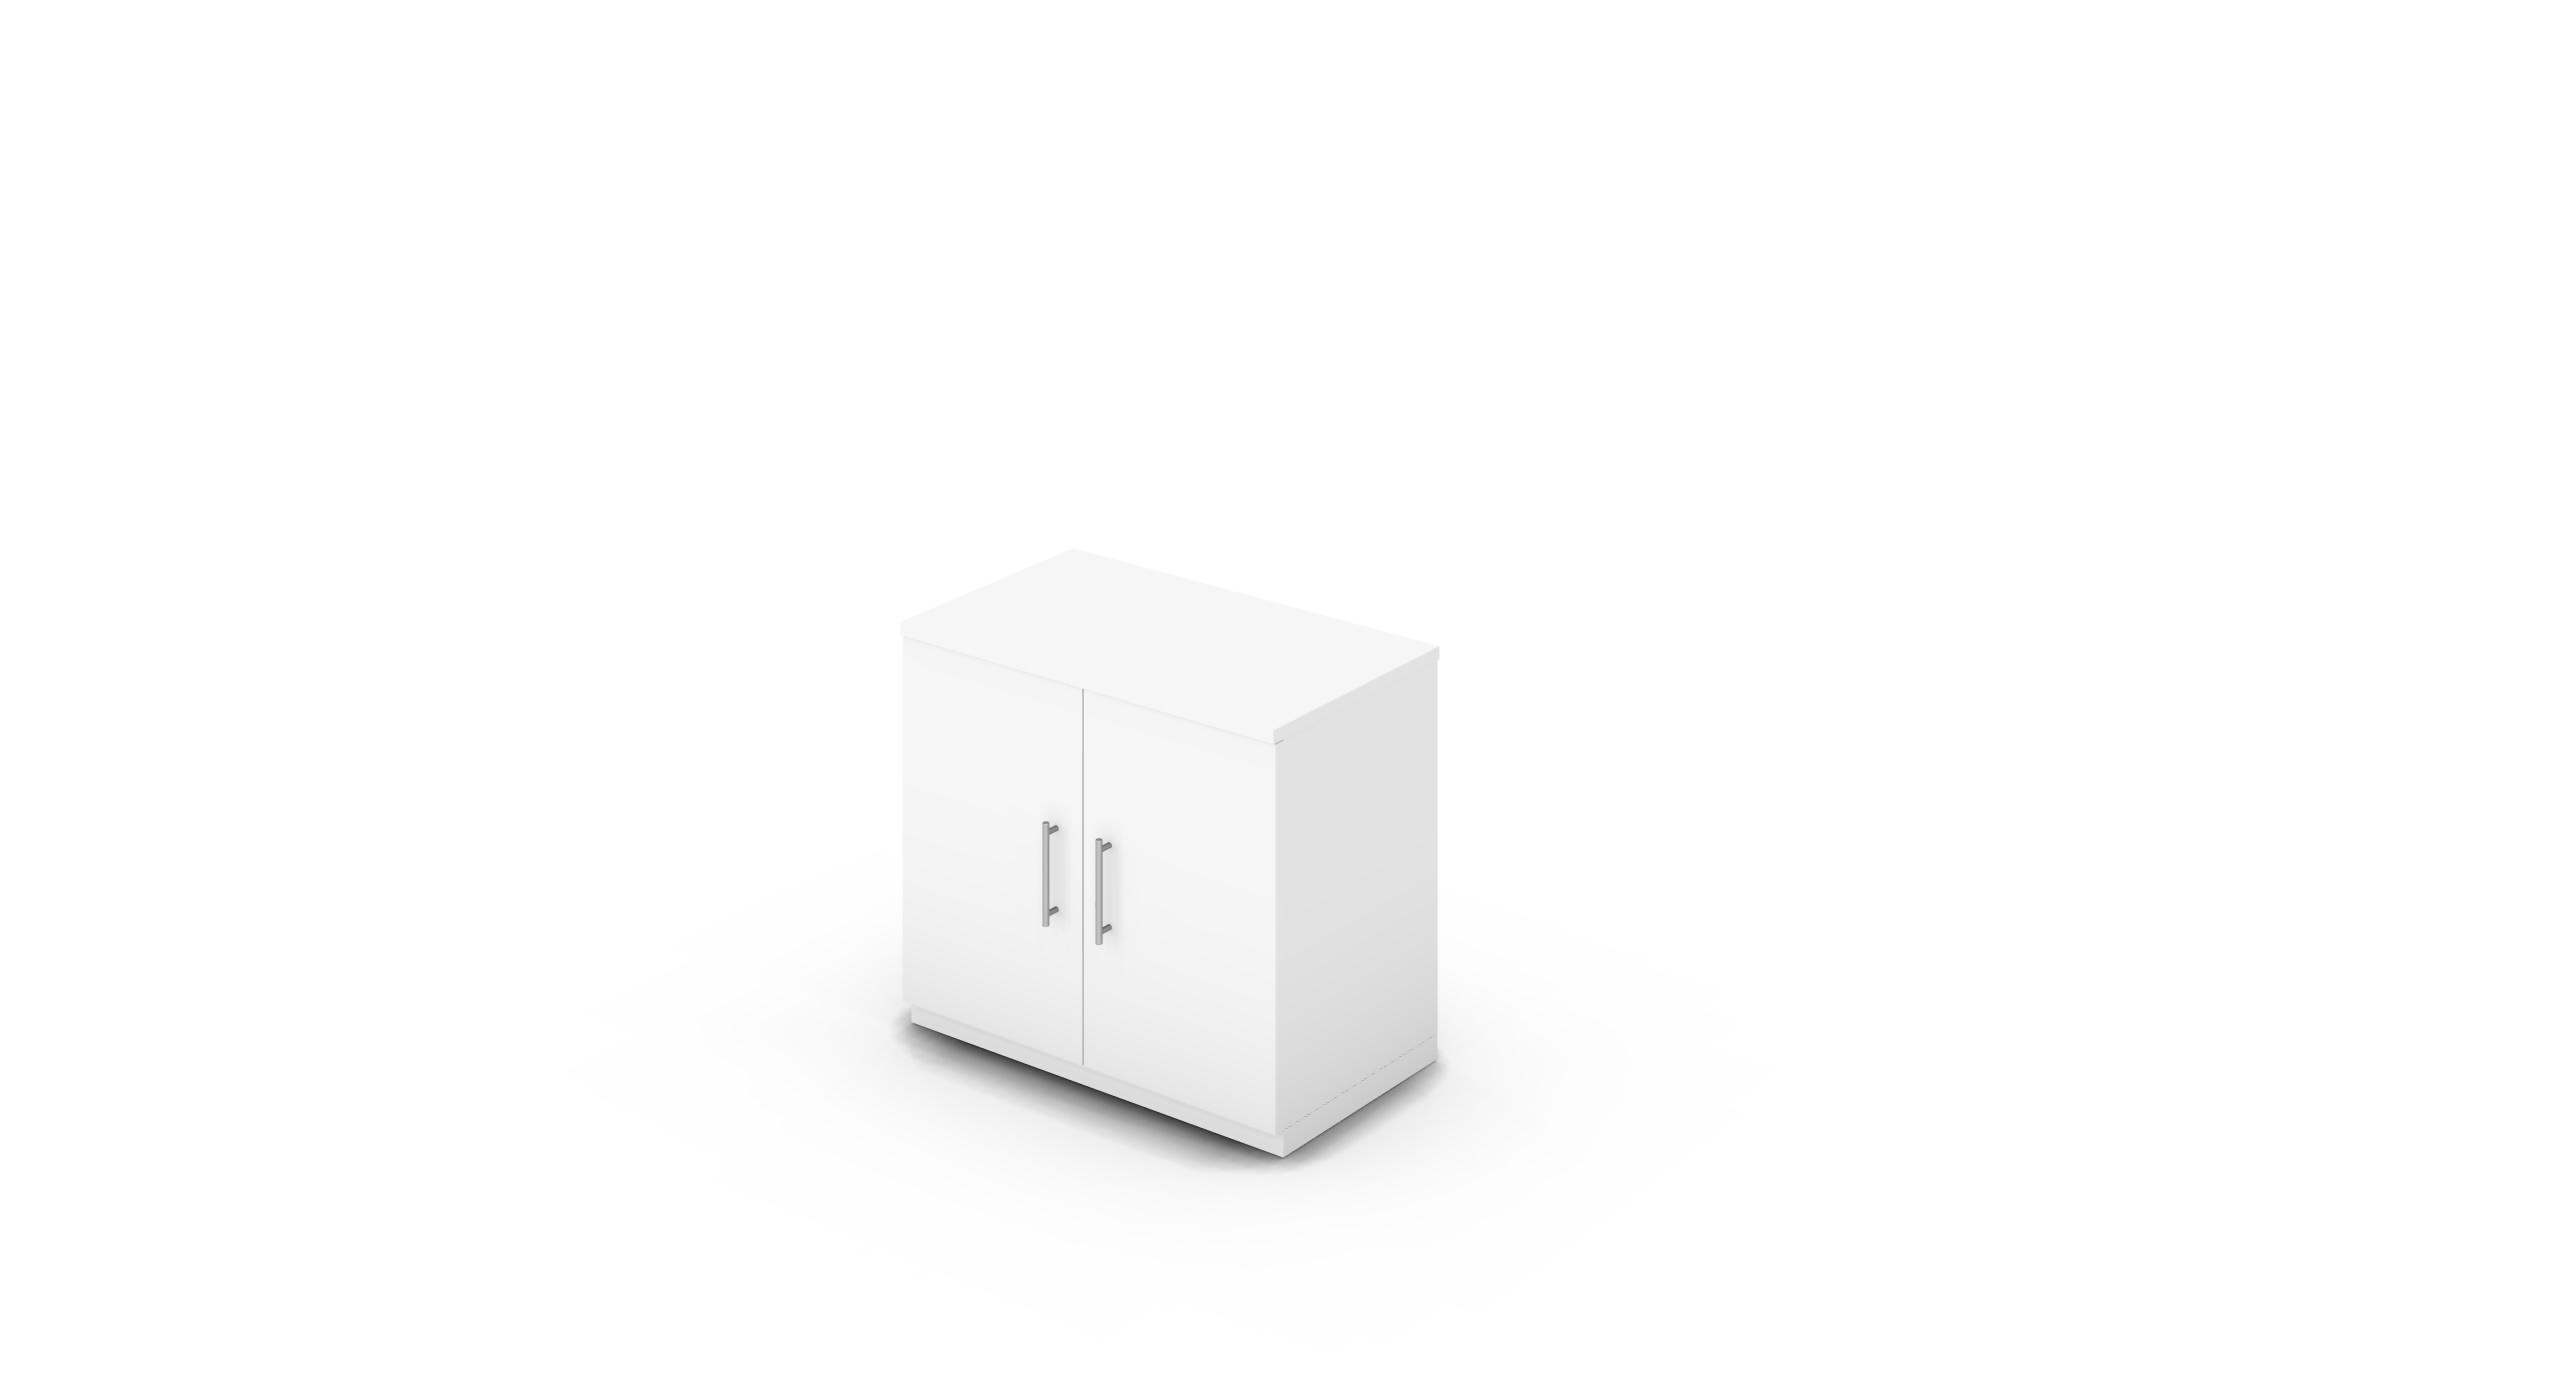 Cabinet_800x450x775_HD_White_Bar_Round_NoCylinder